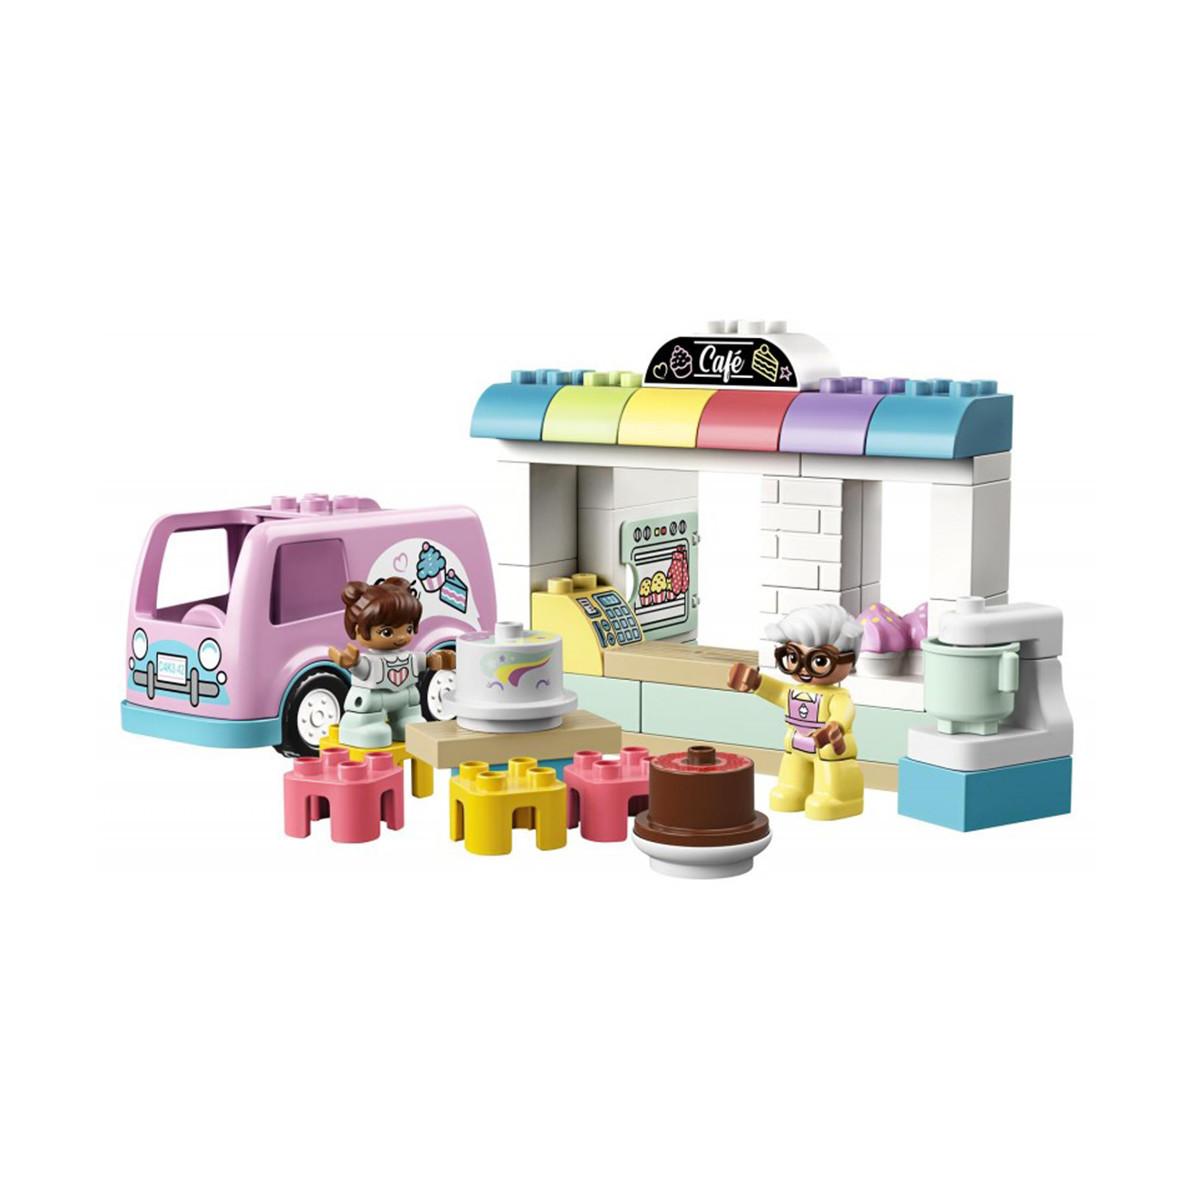 LEGO BAKERY 10928